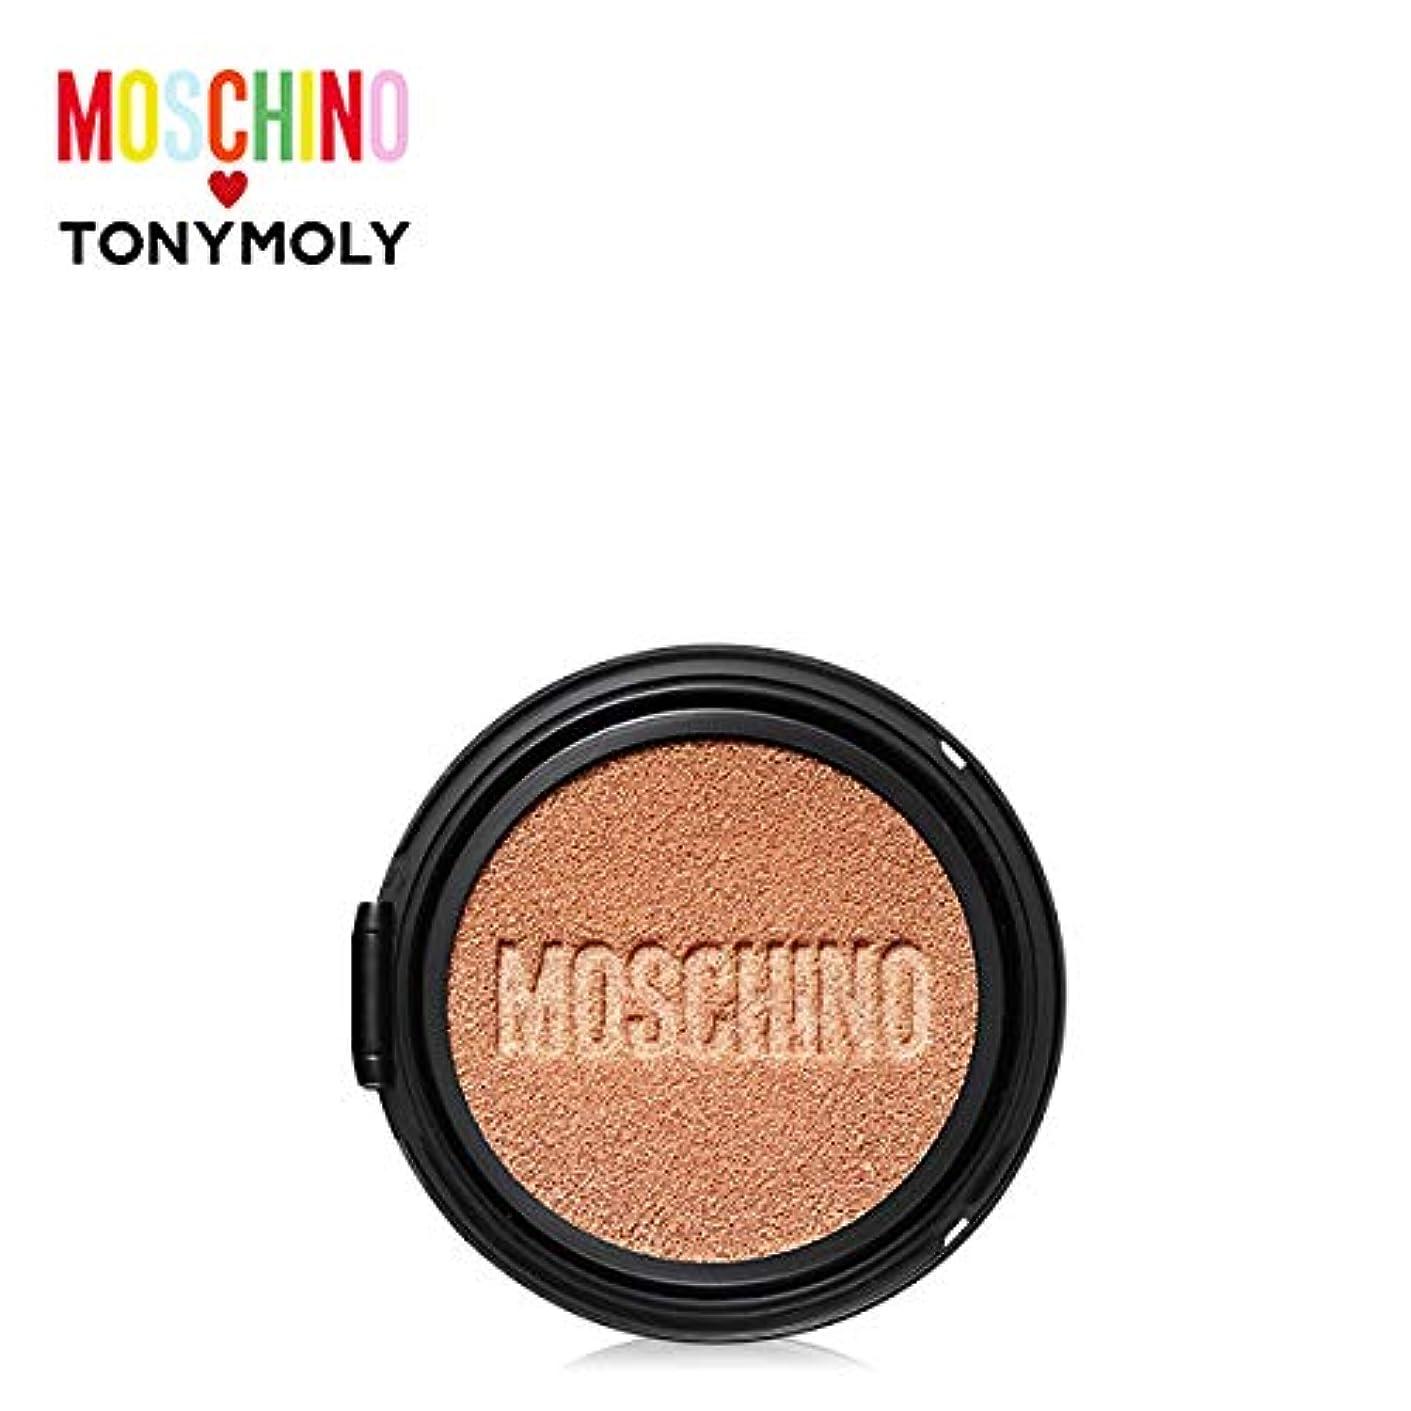 裁判所教室ルネッサンスTONYMOLY [MOSCHINO Edition] Gold Edition Chic Skin Cushion -Refill #01 CHIC VANILLA トニーモリー [モスキーノ] ゴールドエディション...